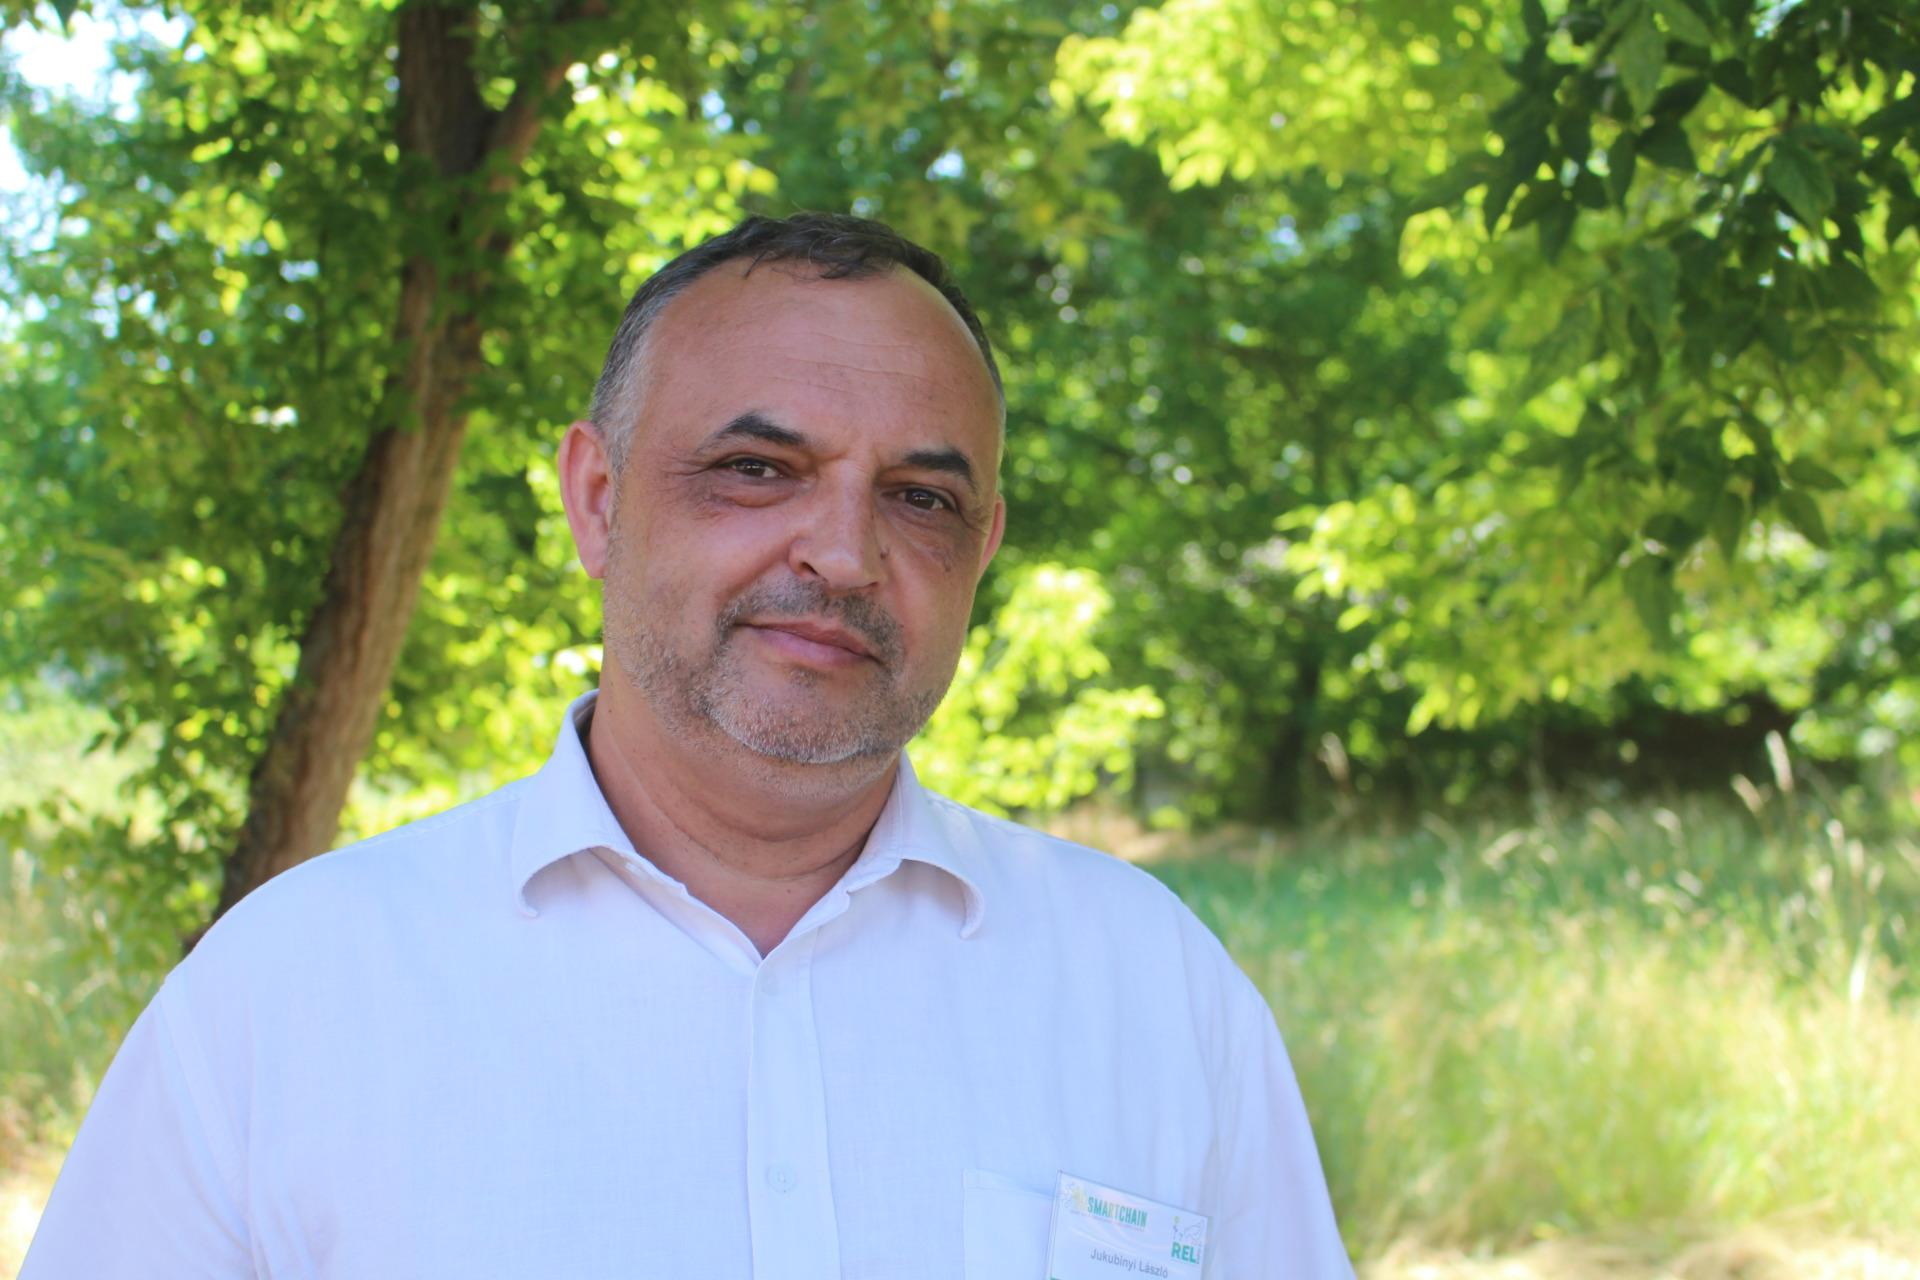 Magyar meseország Miskolcon: fogyatékossággal élők százai dolgoznak a Szimbiózis Alapítvány üzemeiben